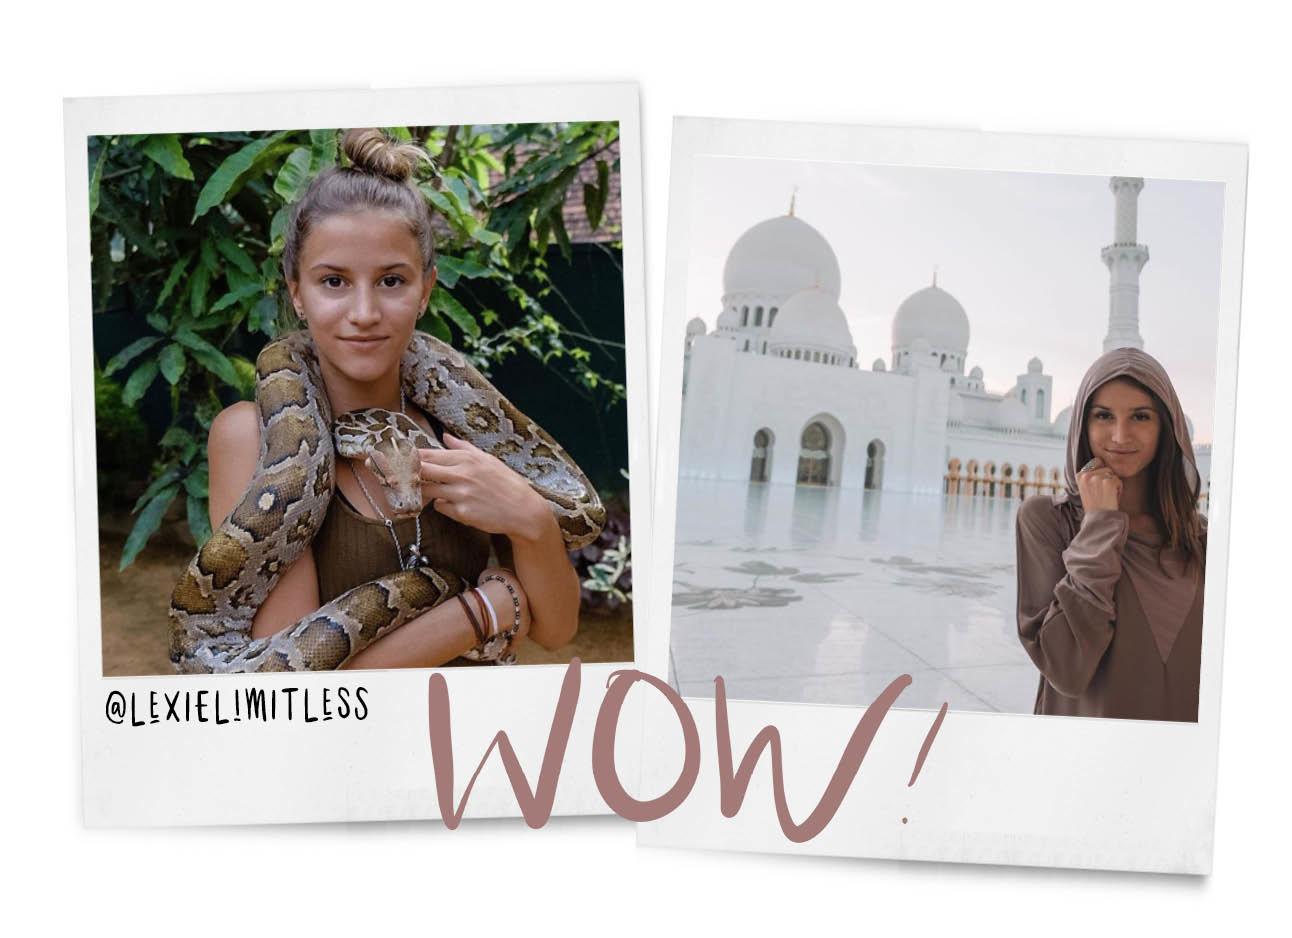 lexielimitless met een slang om haar hals, en in dubai bij een moskee